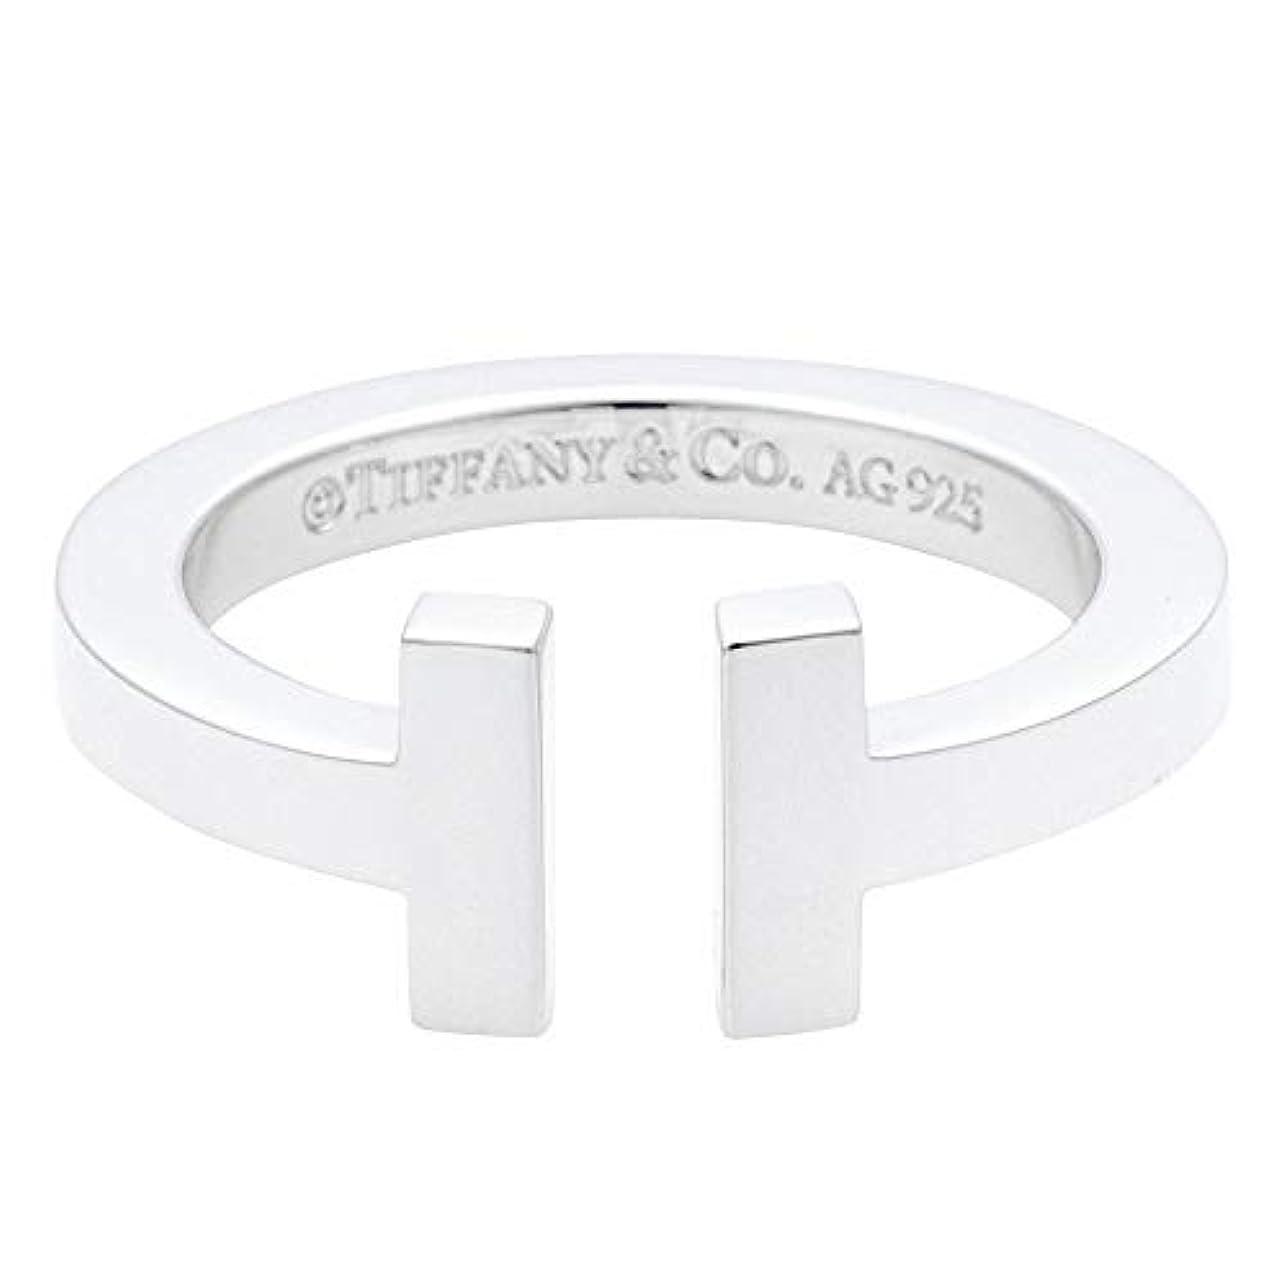 レパートリー条件付き粘性の[ティファニー] TIFFANY スターリングシルバー ティファニー T スクエア リング 指輪 【並行輸入品】 33429746 日本サイズ11号 (USサイズ6号)